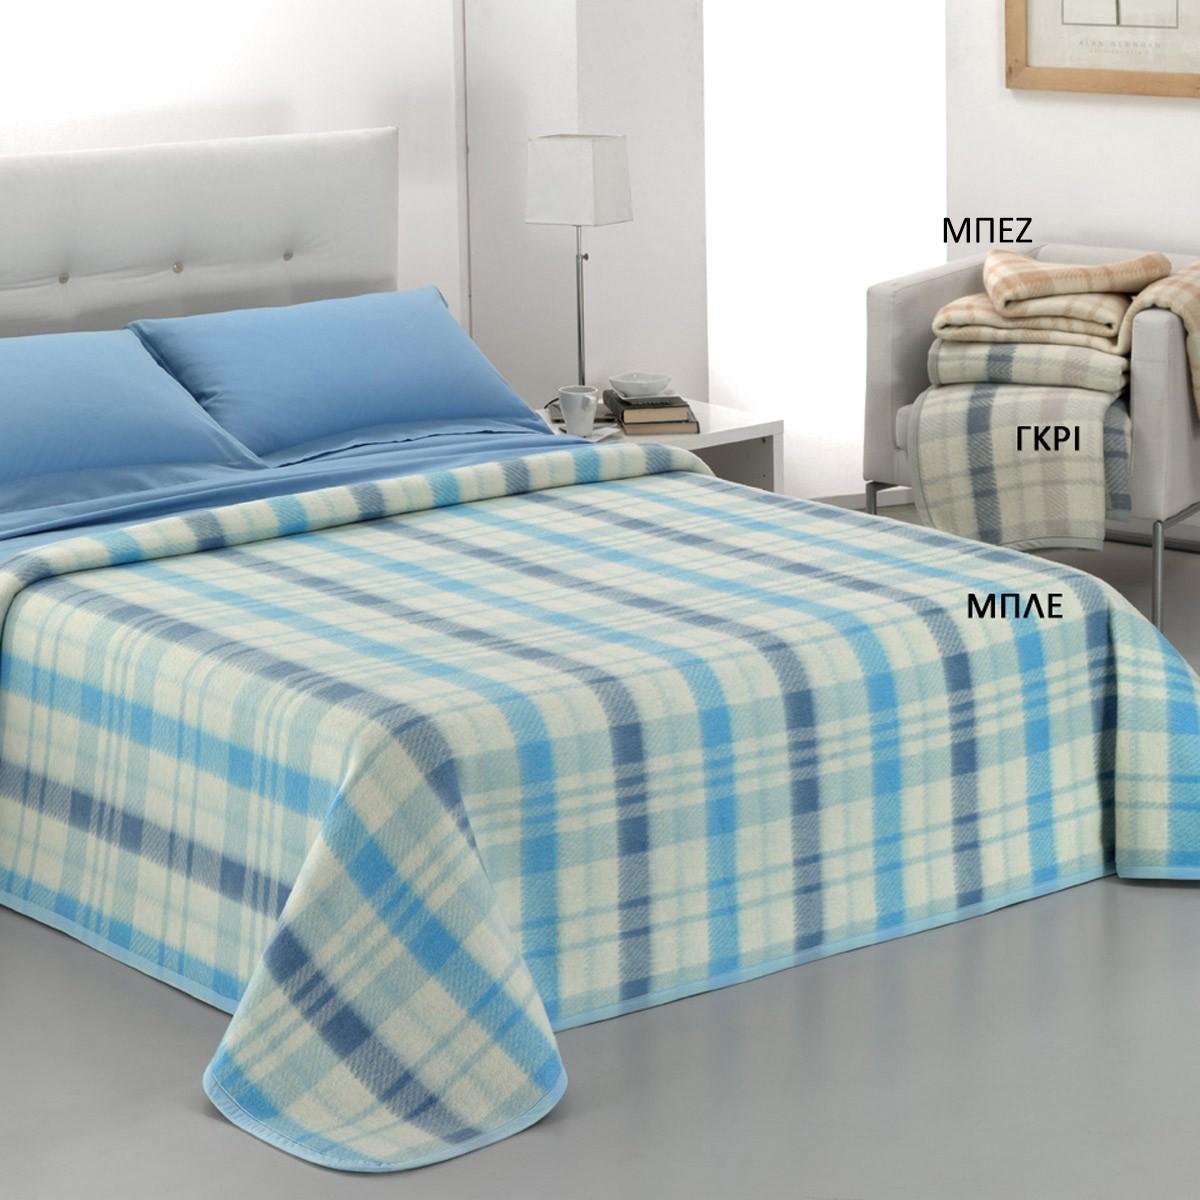 Κουβέρτα Μάλλινη Υπέρδιπλη White Clouds New England home   κρεβατοκάμαρα   κουβέρτες   κουβέρτες γούνινες   μάλλινες